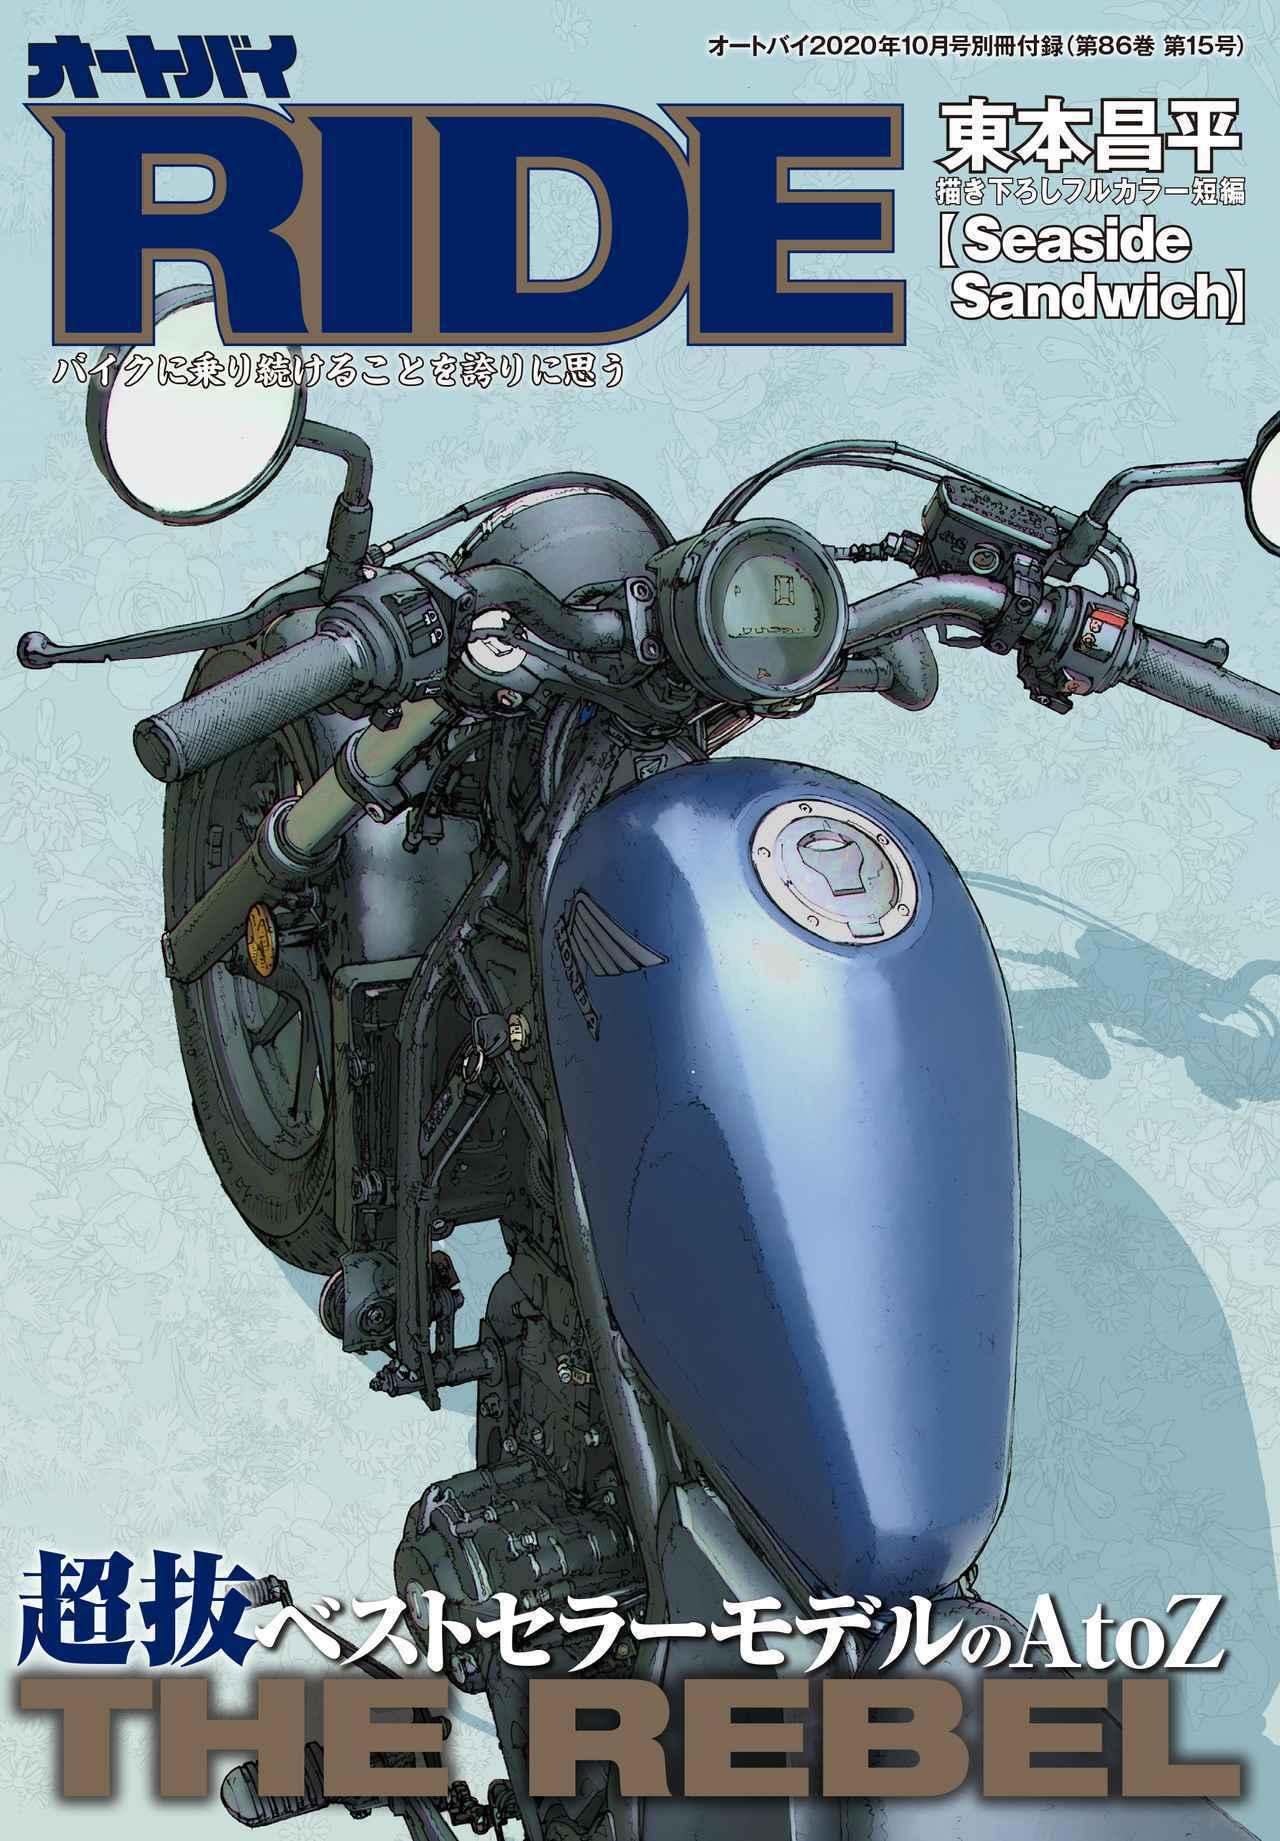 画像: レブルの歴史を徹底解説した月刊『オートバイ』10月号特別付録「RIDE」 - webオートバイ